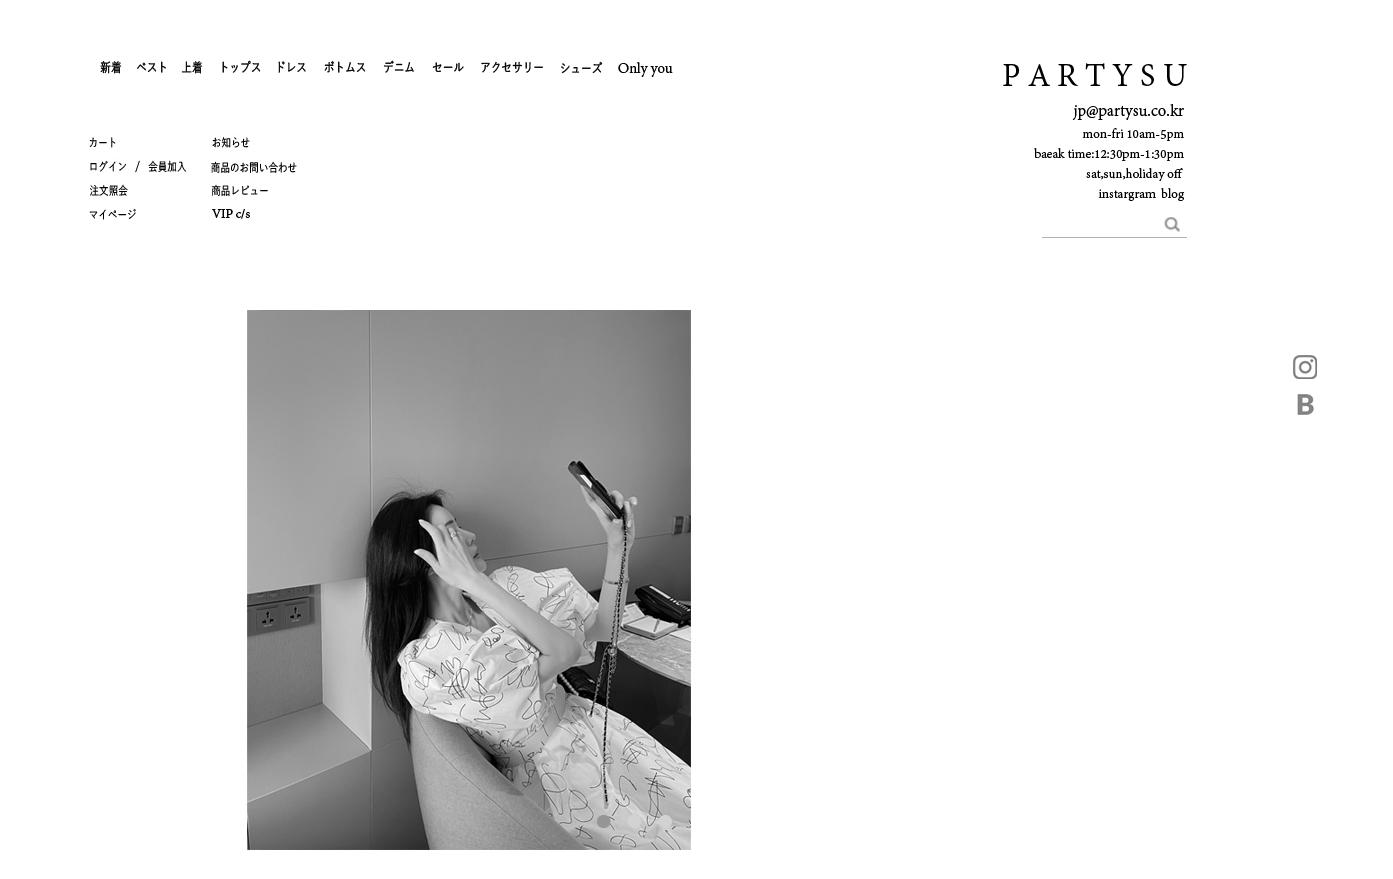 高品質で高級感のある大人におすすめな韓国通販サイトPARTYSU公式サイトトップページのキャプチャ画像